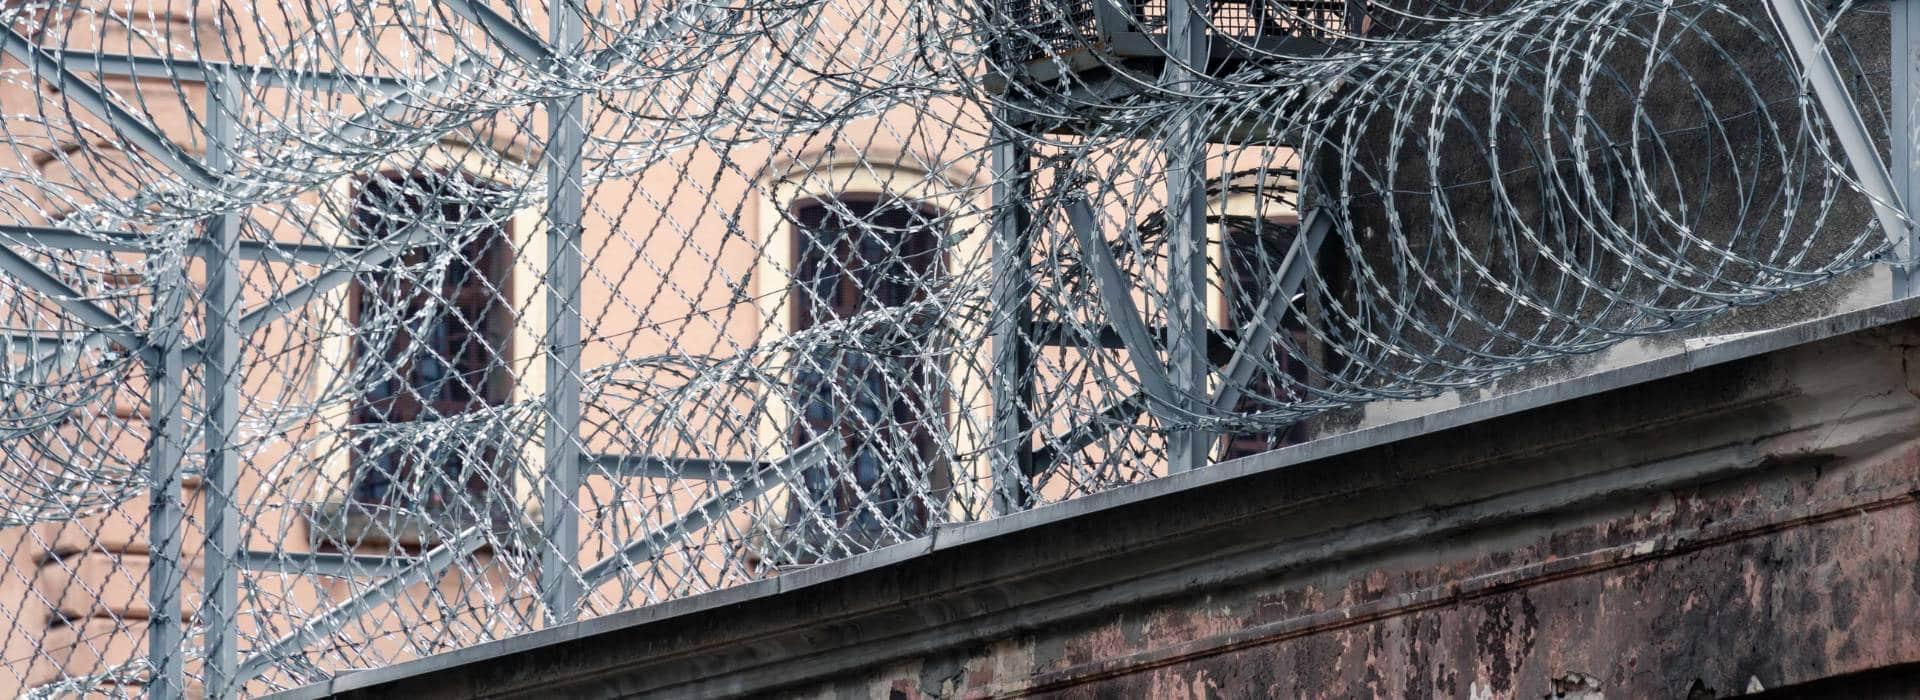 wniosek o wstrzymanie wykonania kary pozbawienia wolnosci